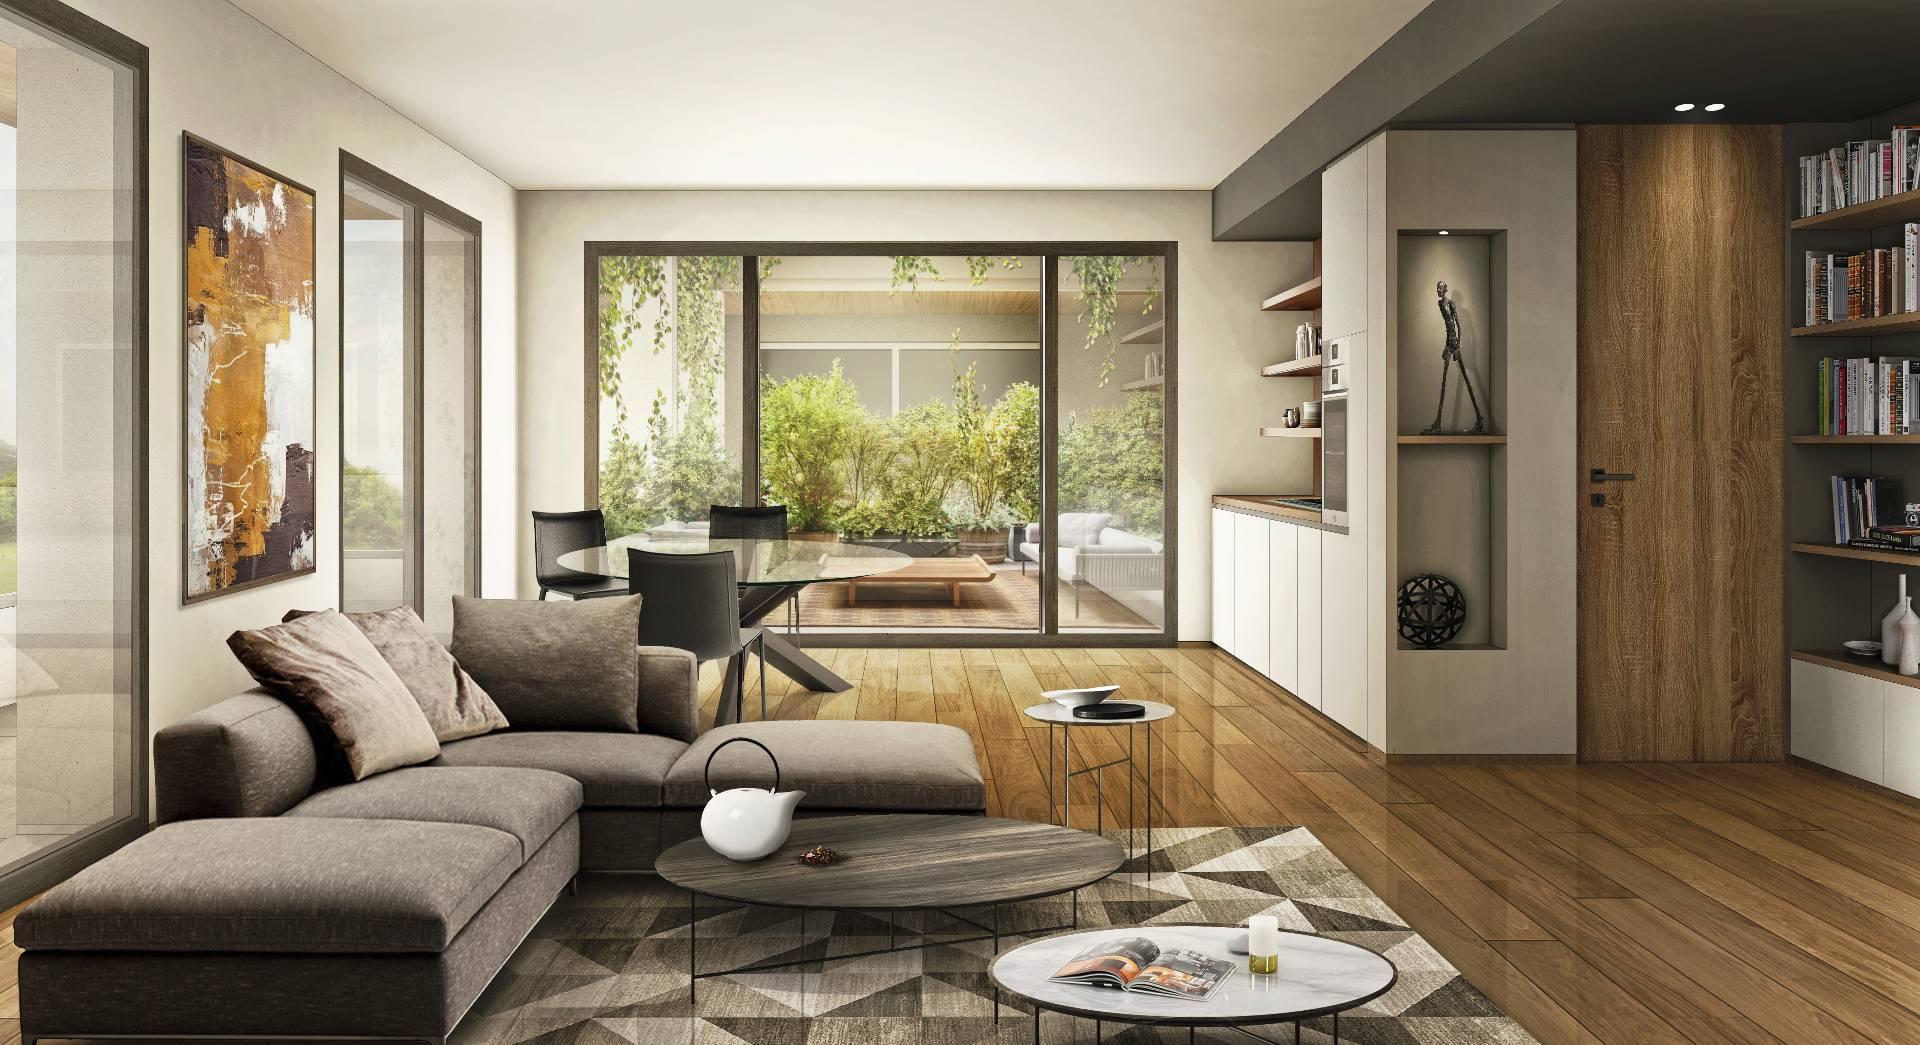 Appartamento in vendita a Costa di Mezzate, 3 locali, prezzo € 287.500 | CambioCasa.it